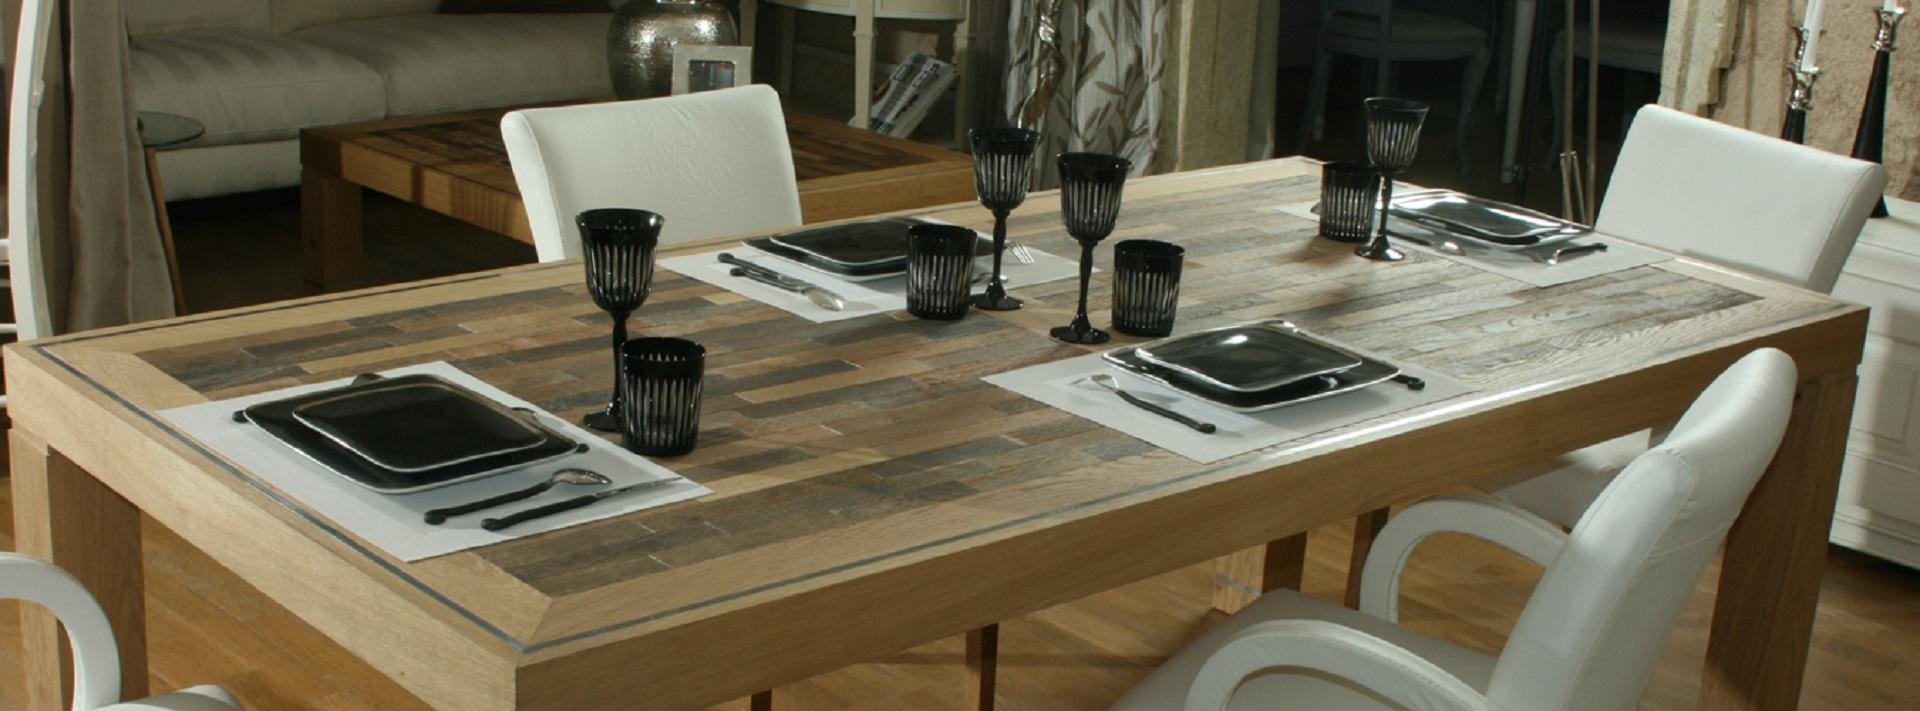 Tables de salle à manger et de cuisine - L\'Atelier du Moulin de Provence